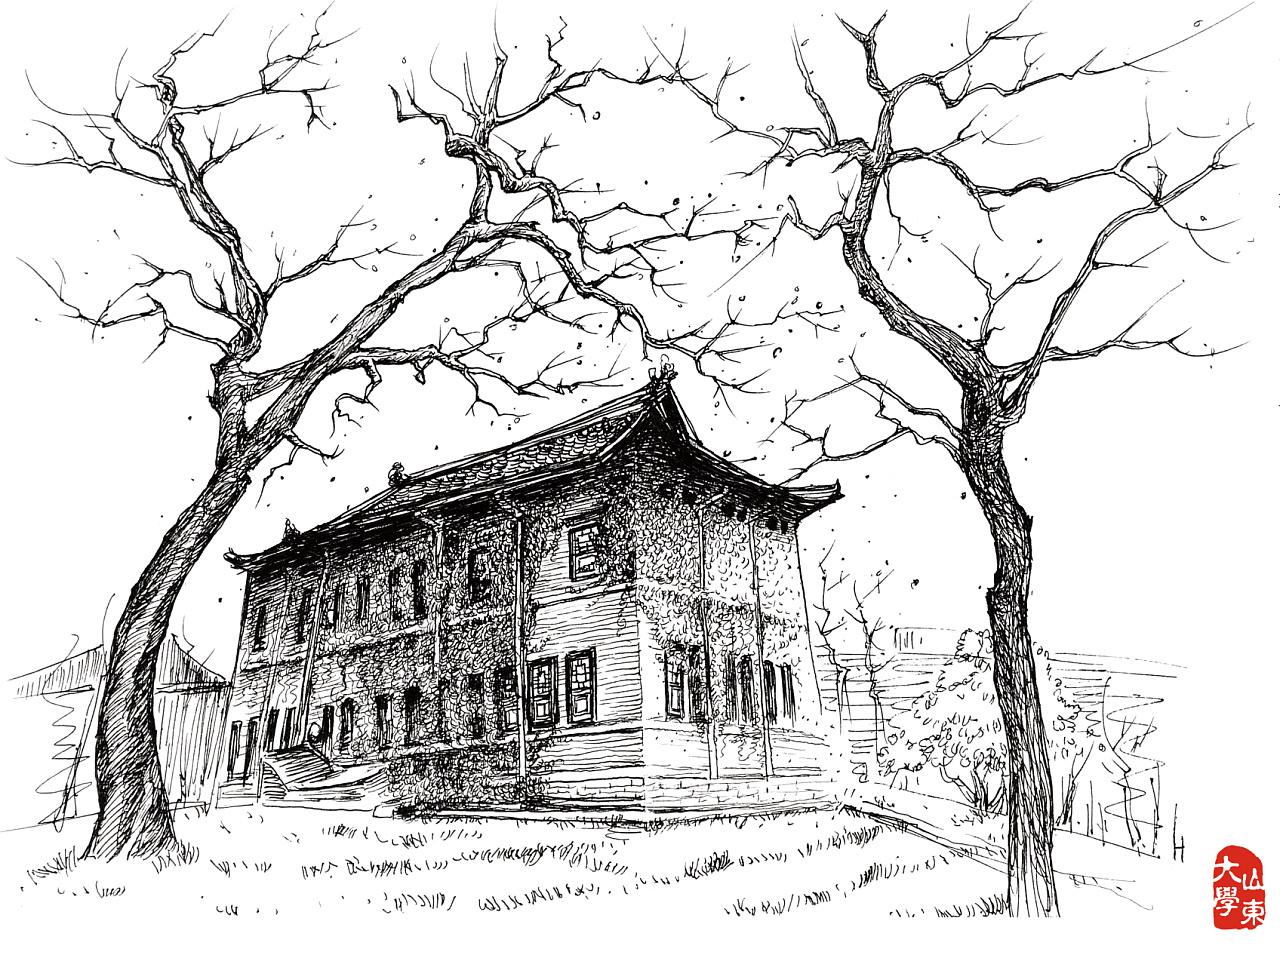 校园手绘明信片|插画|插画习作|房灰灰 - 原创作品